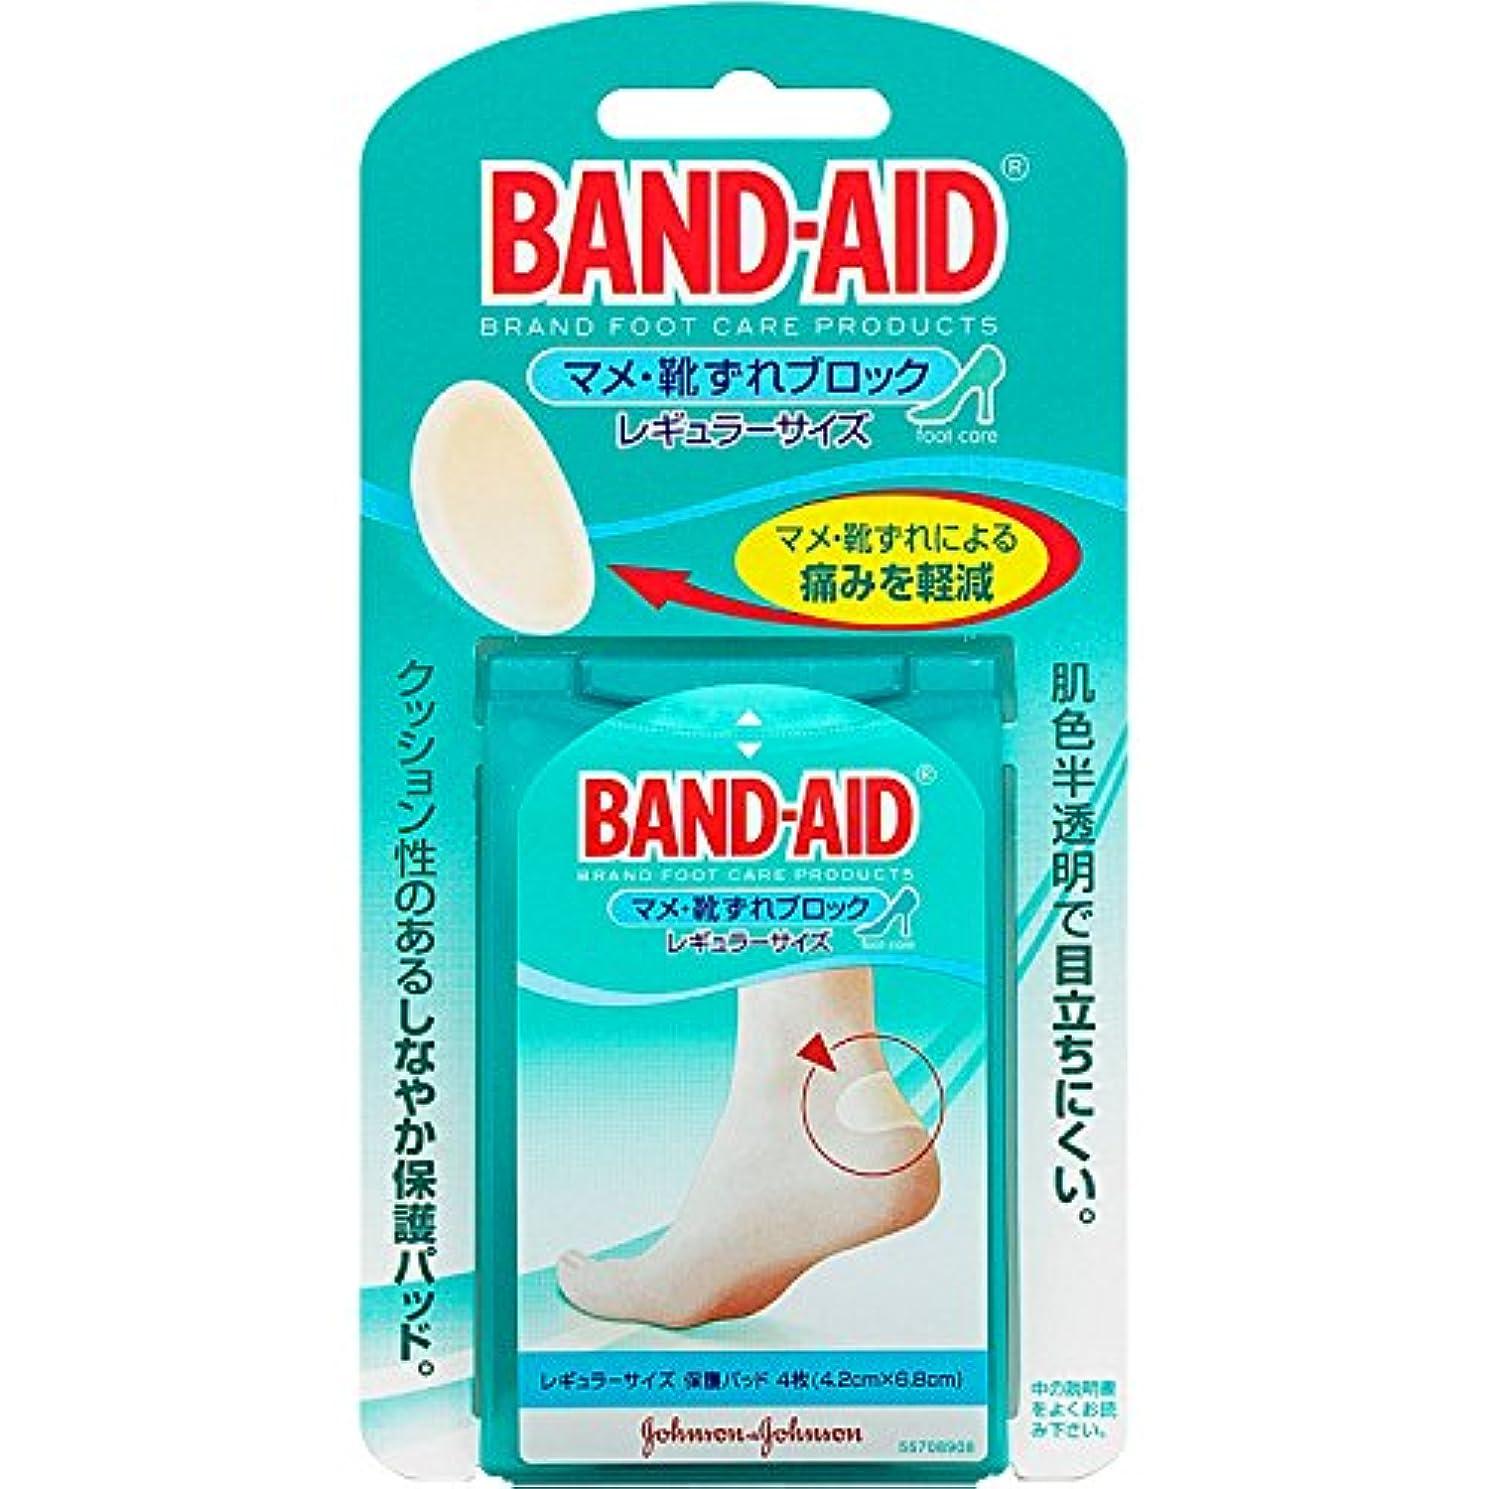 映画呼ぶ相談BAND-AID(バンドエイド) マメ?靴ずれブロック レギュラーサイズ 4枚